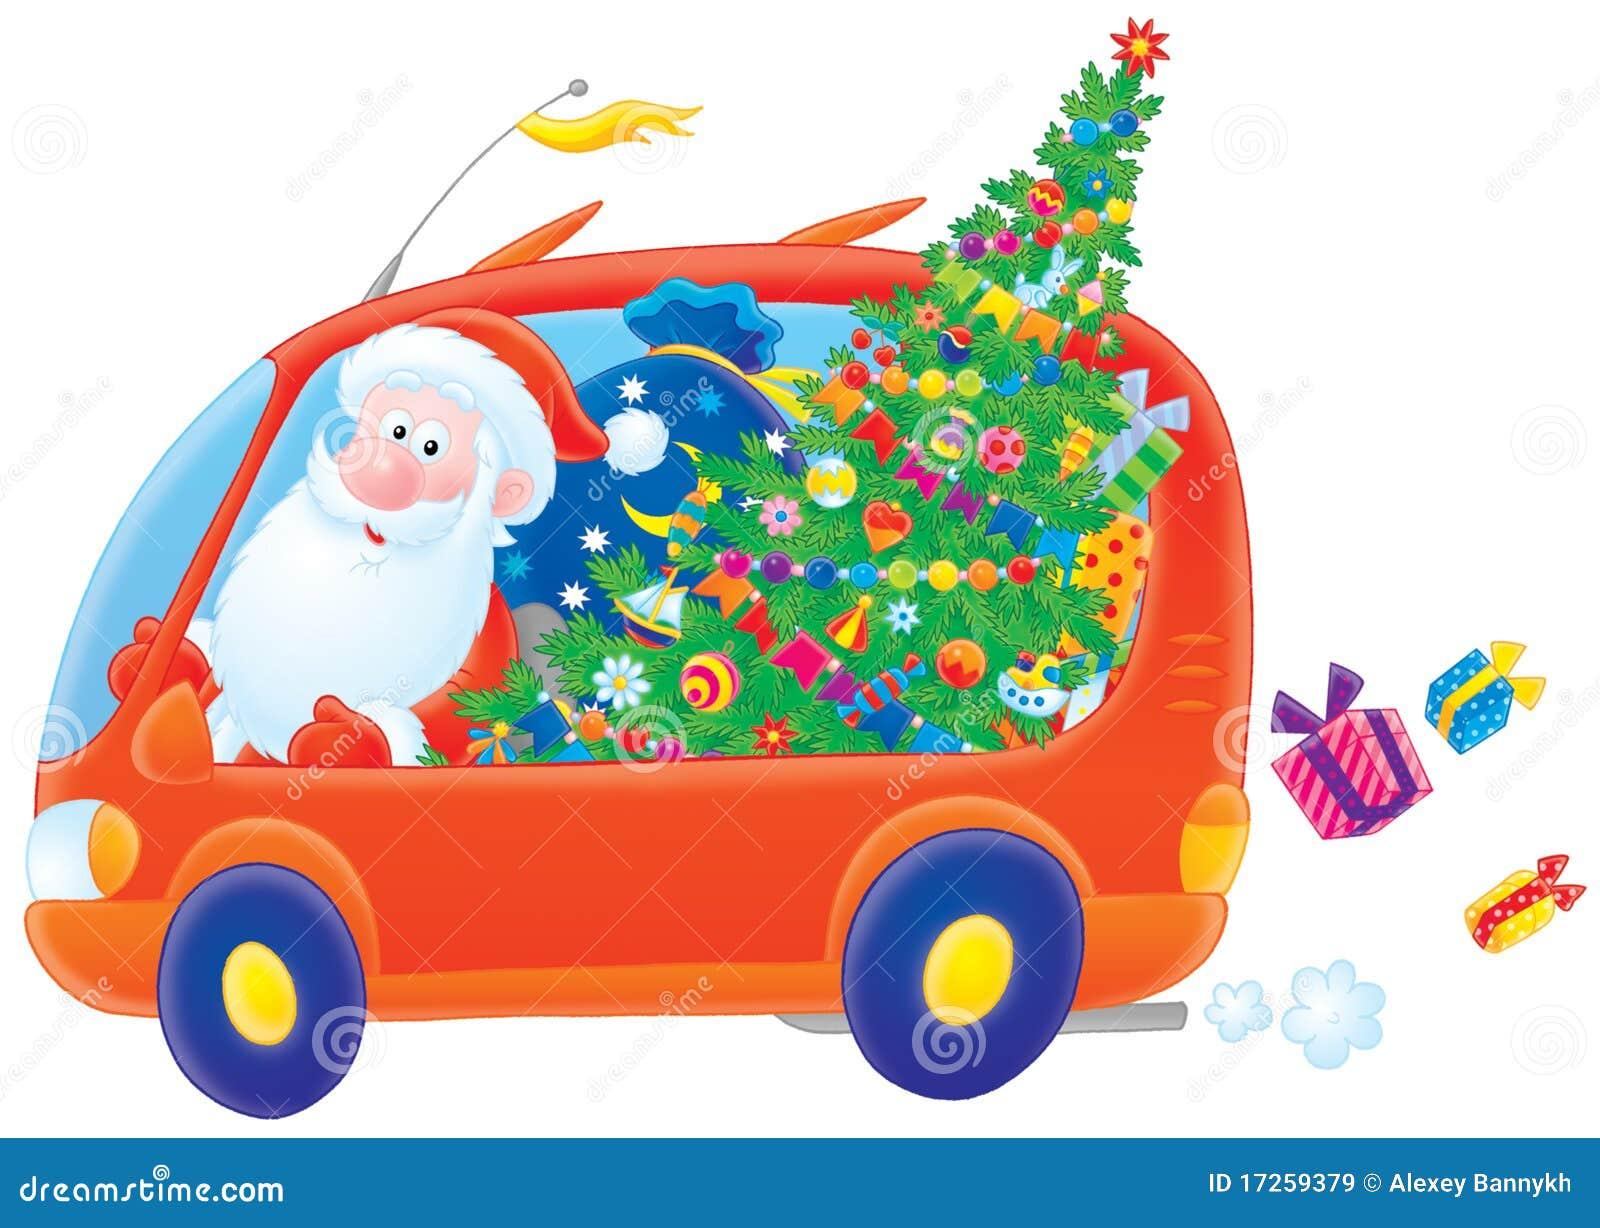 Weihnachtsmann Laufwerke In Seinem Auto Stock Abbildung